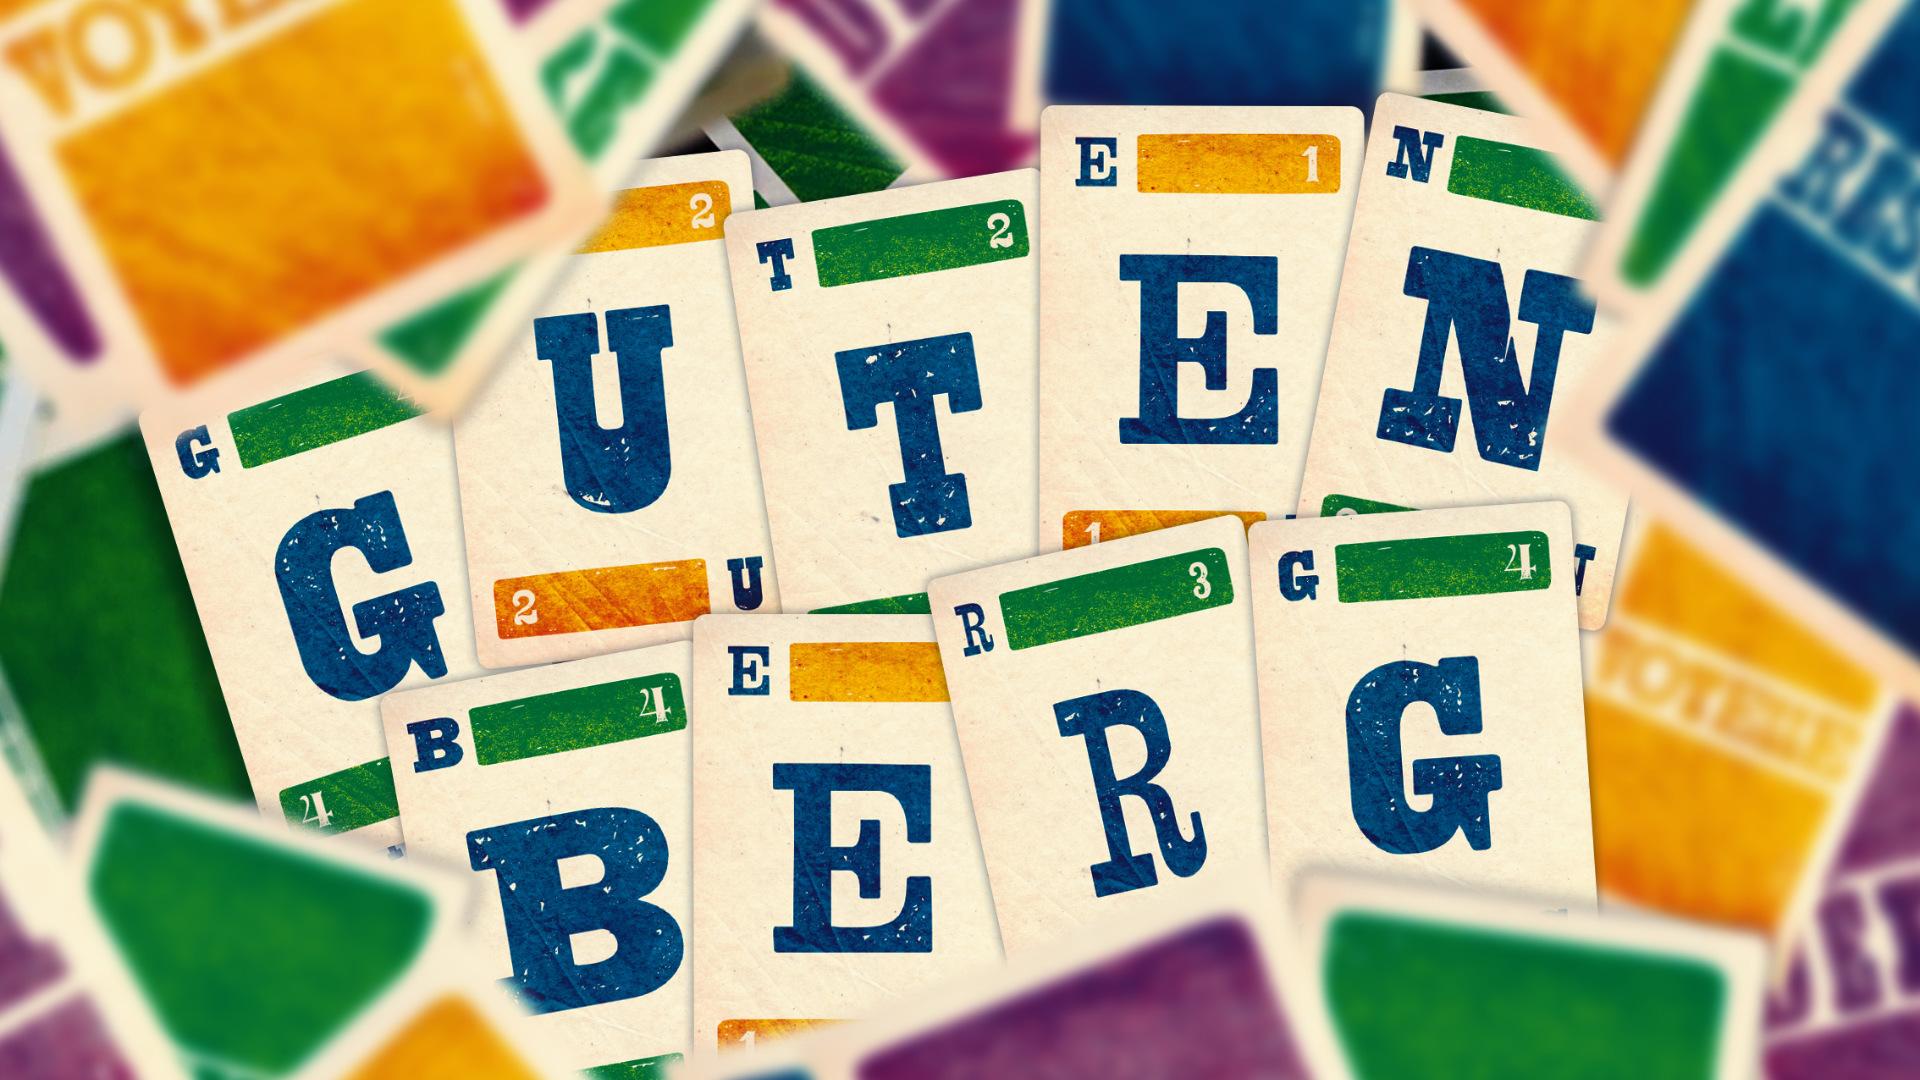 Vous n'alignez jamais plus de 5 lettres au Scrabble? Jouez plutôt à Gutenberg